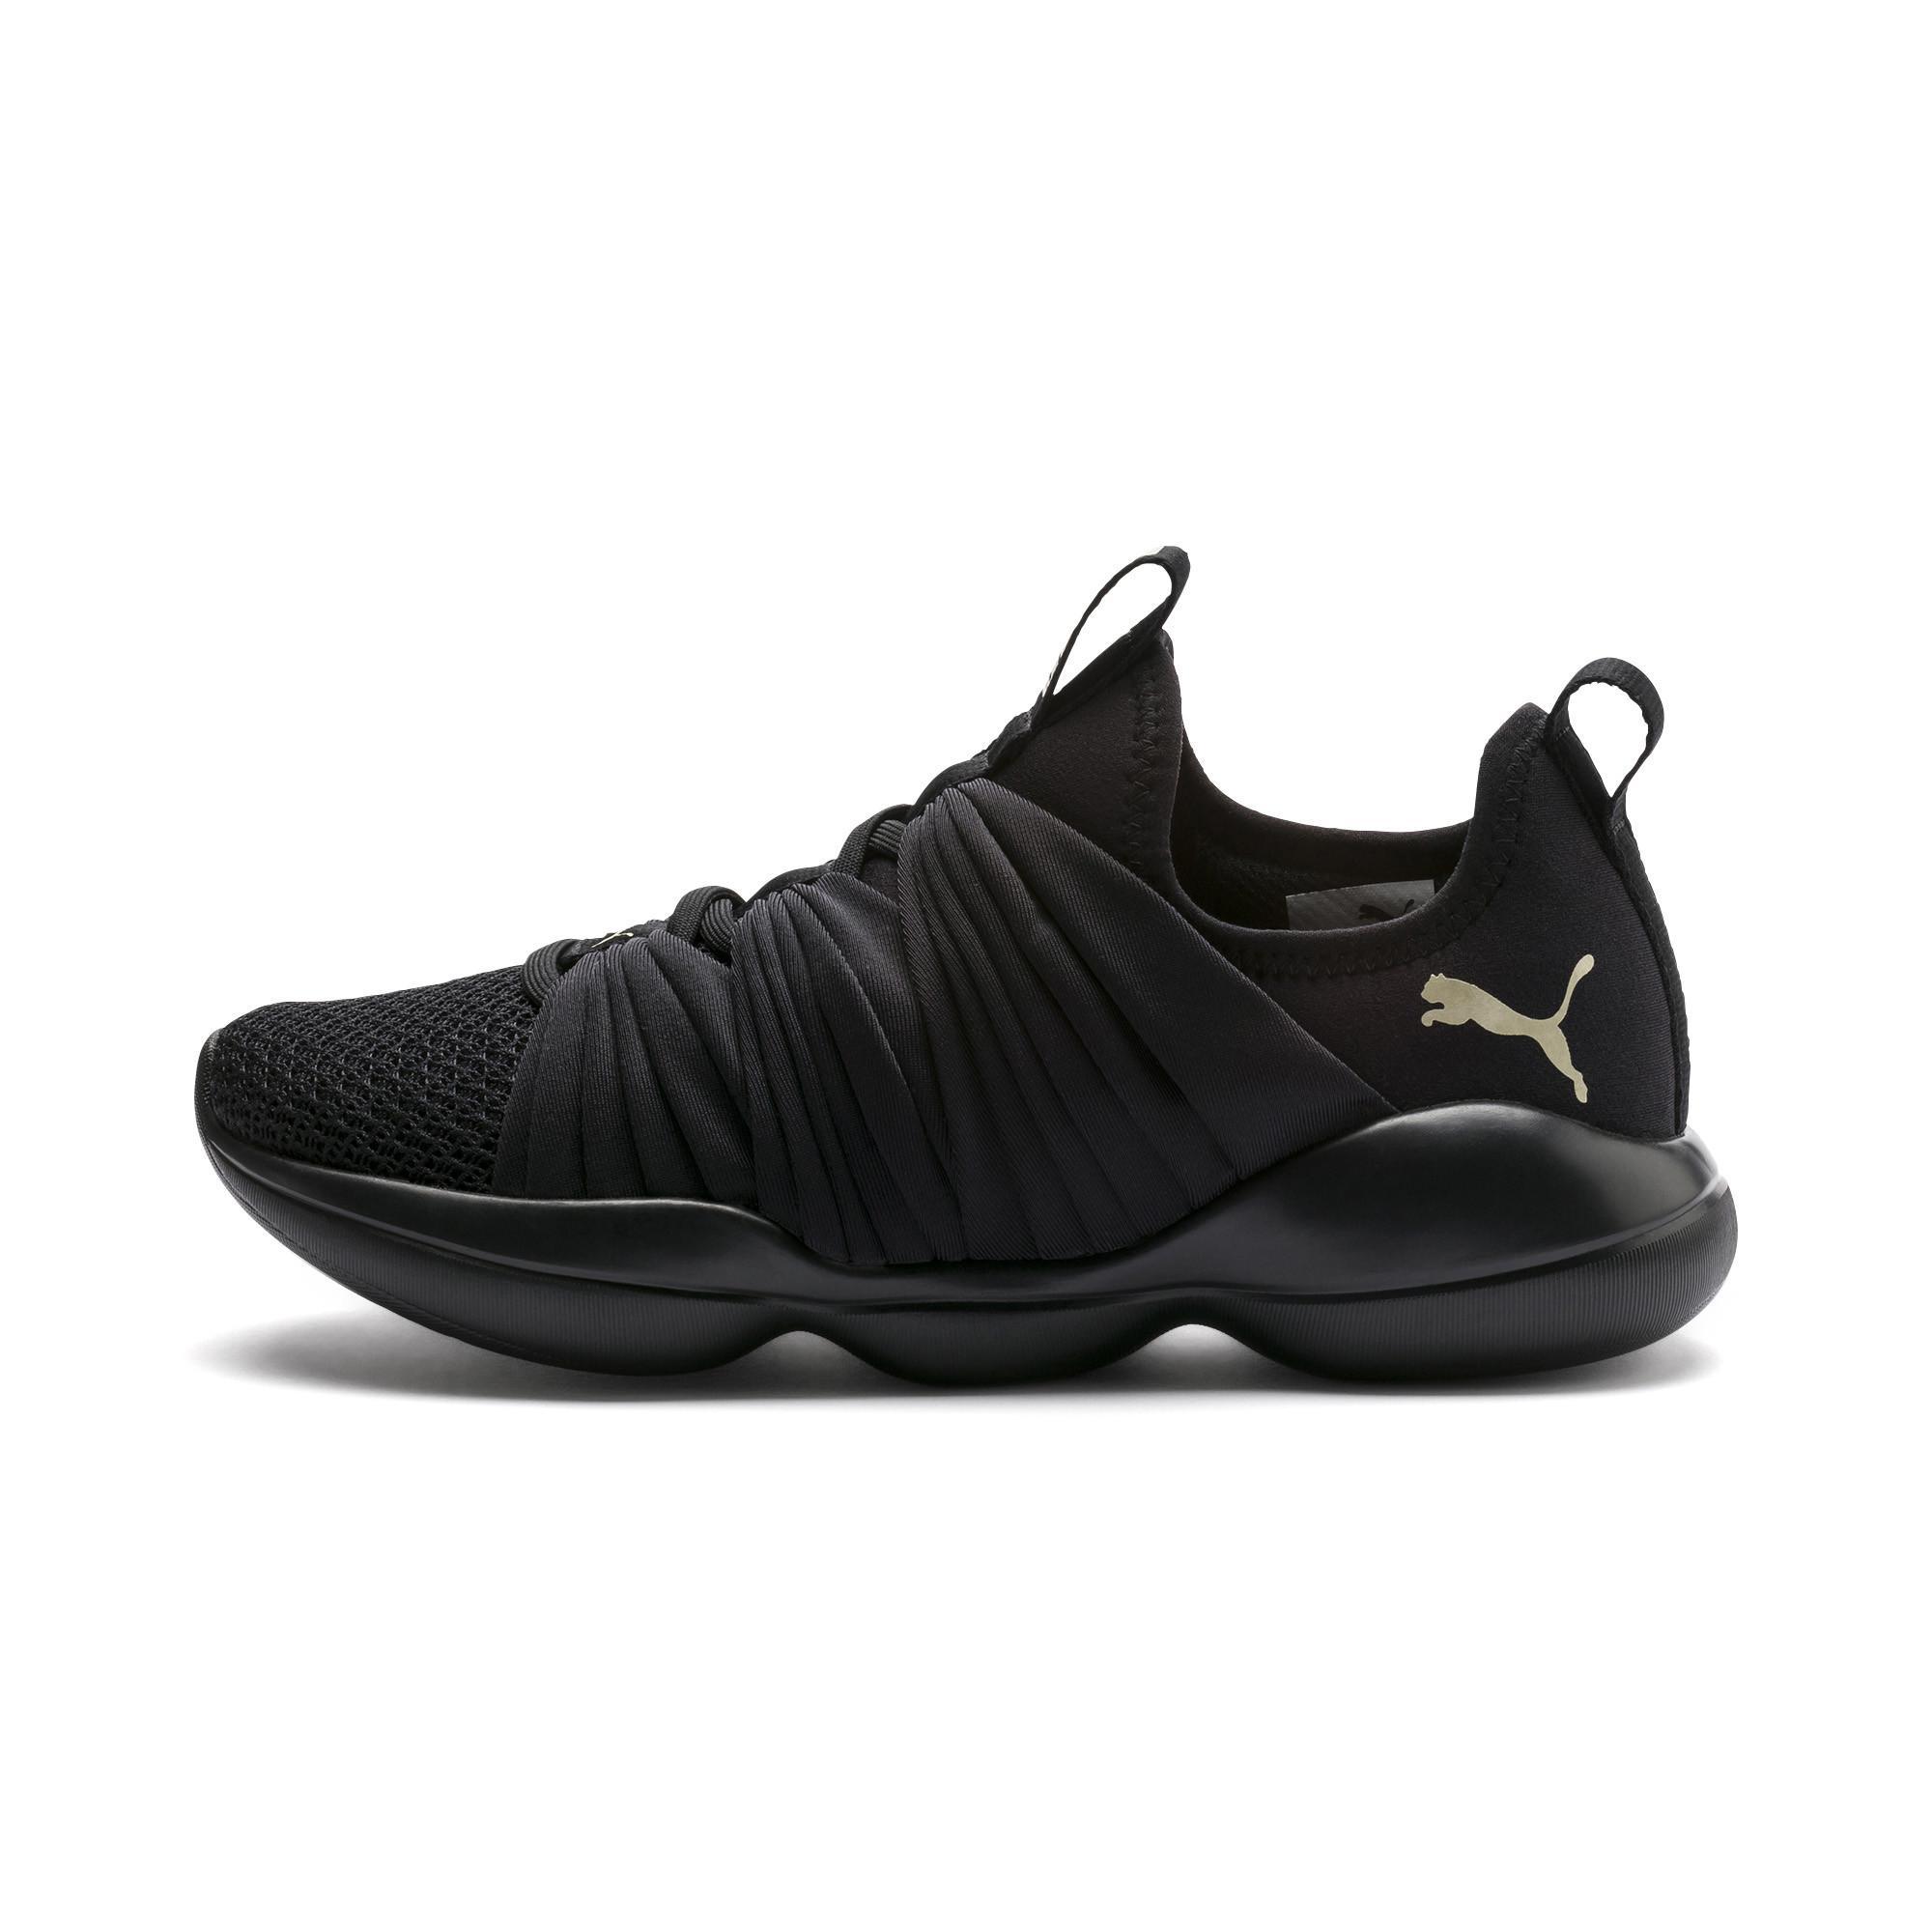 Lyst - PUMA Flourish Women s Training Shoes in Black dc8ae9a75